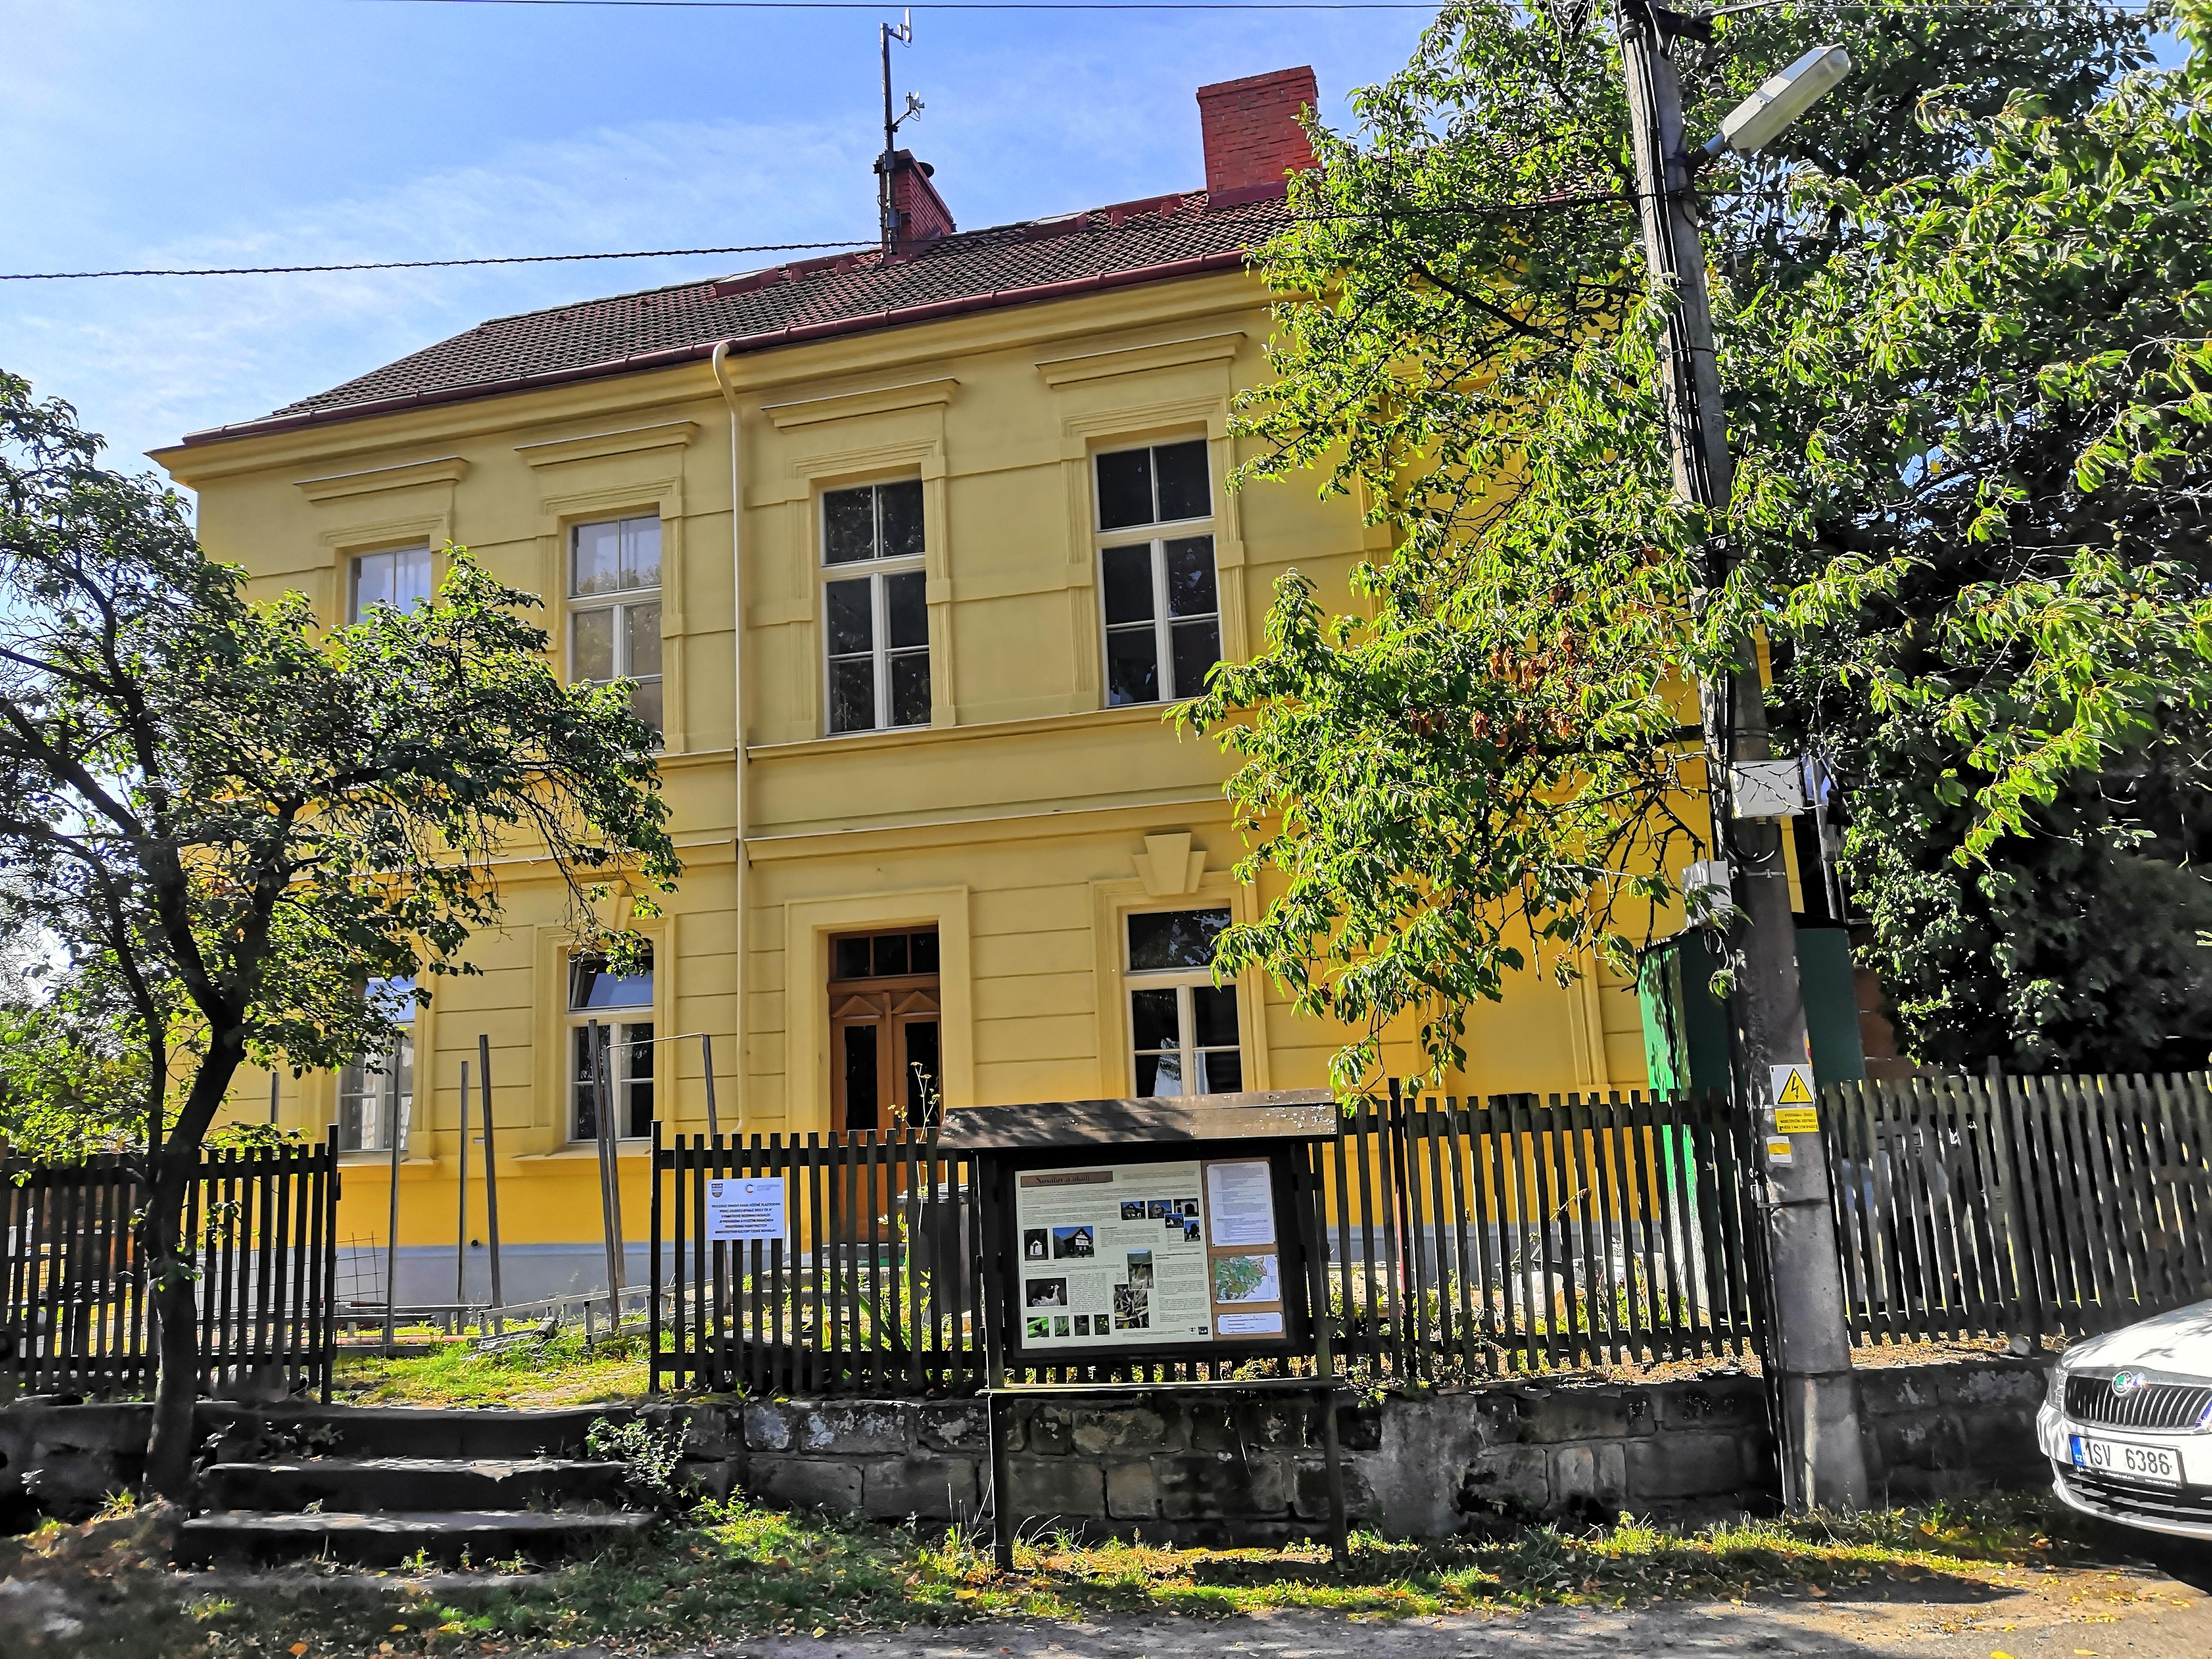 fotografie z roku 2019 -budova bývalé staré školy čp. 47 v Nosálově